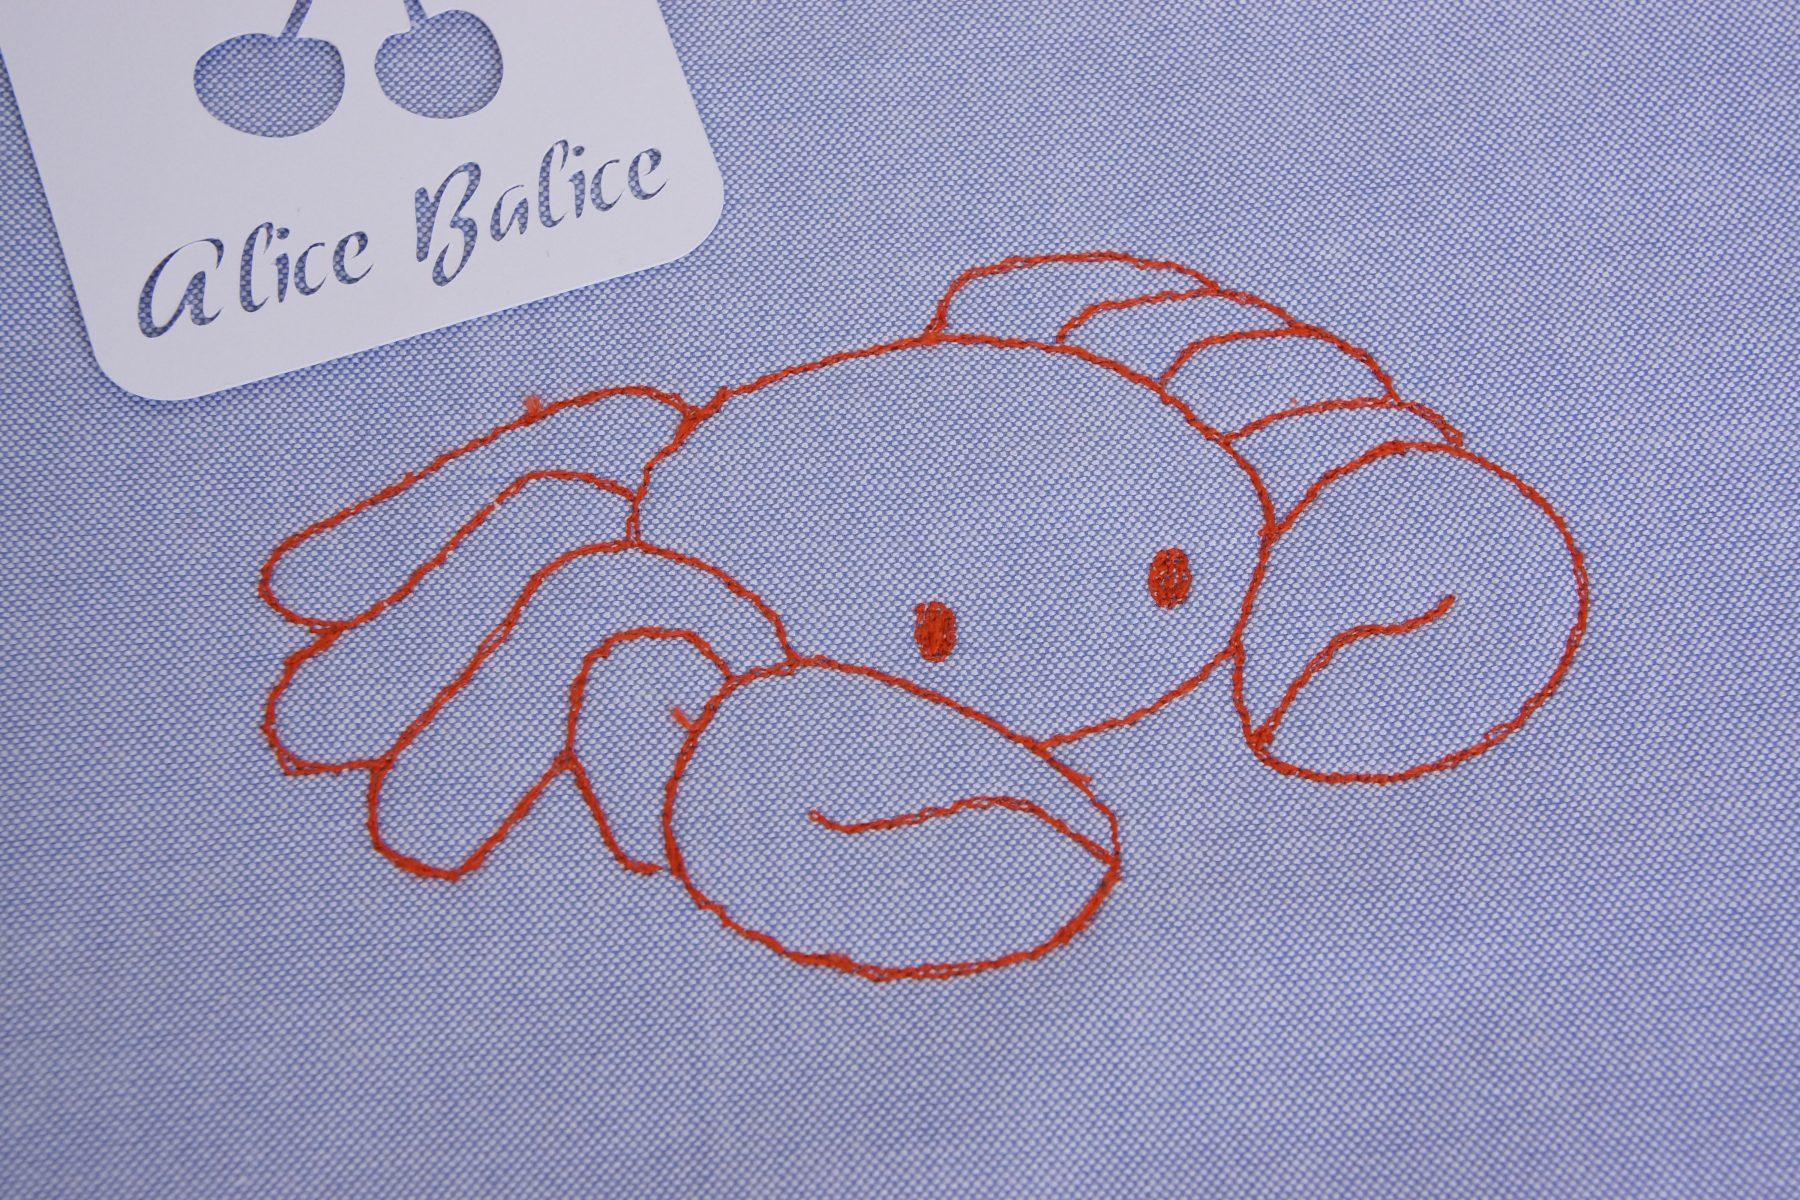 piqué libre | couture | bavoir | crabe | techn ique | couture | sewing